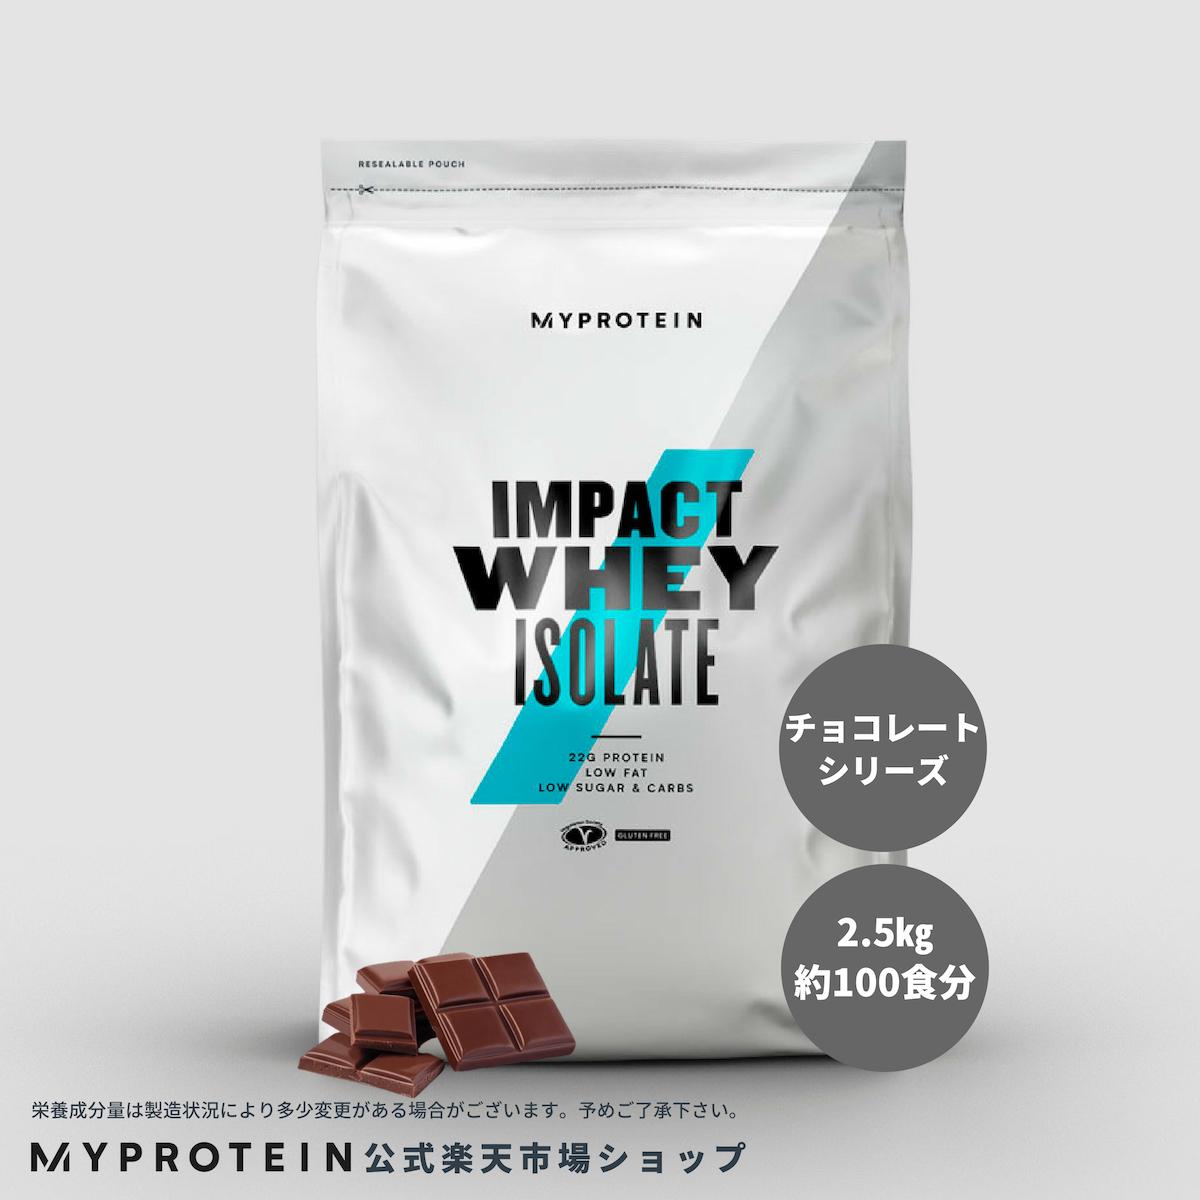 高品質 低価格の自社製品をイギリスから直送 トレーニングに 健康 ダイエット 美容 高タンパク質 プロテイン アミノ酸 低脂質 マイプロテイン 正規店 2.5kg アイソレート MyProtein チョコレートシリーズ 超目玉 海外通販 公式 ホエイ 約100食分 WPI Impact